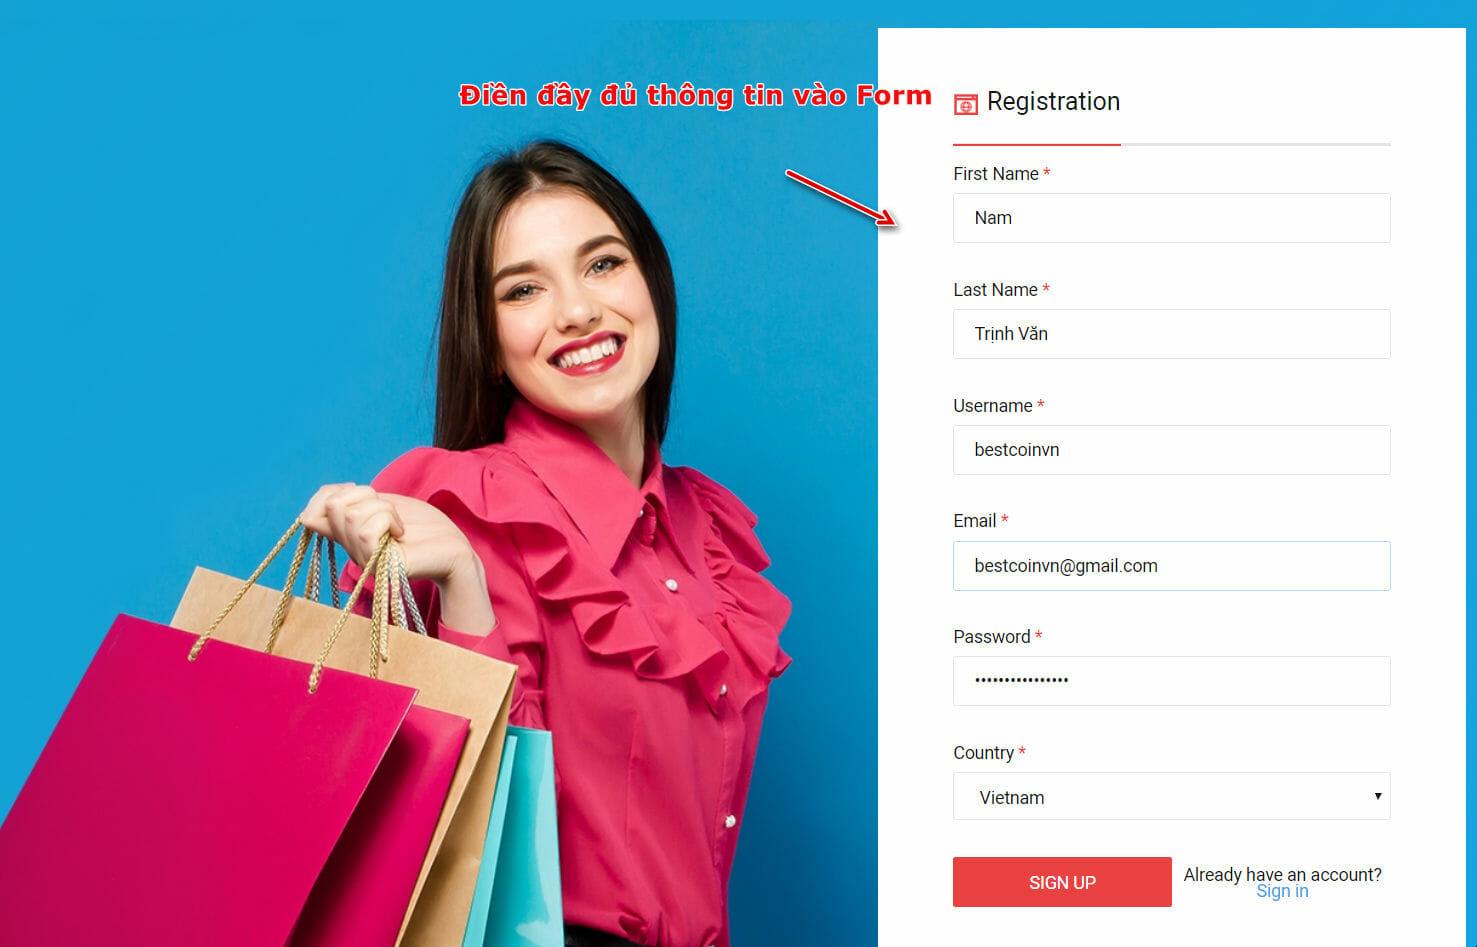 Đăng ký tài khoản trên 24bas.com